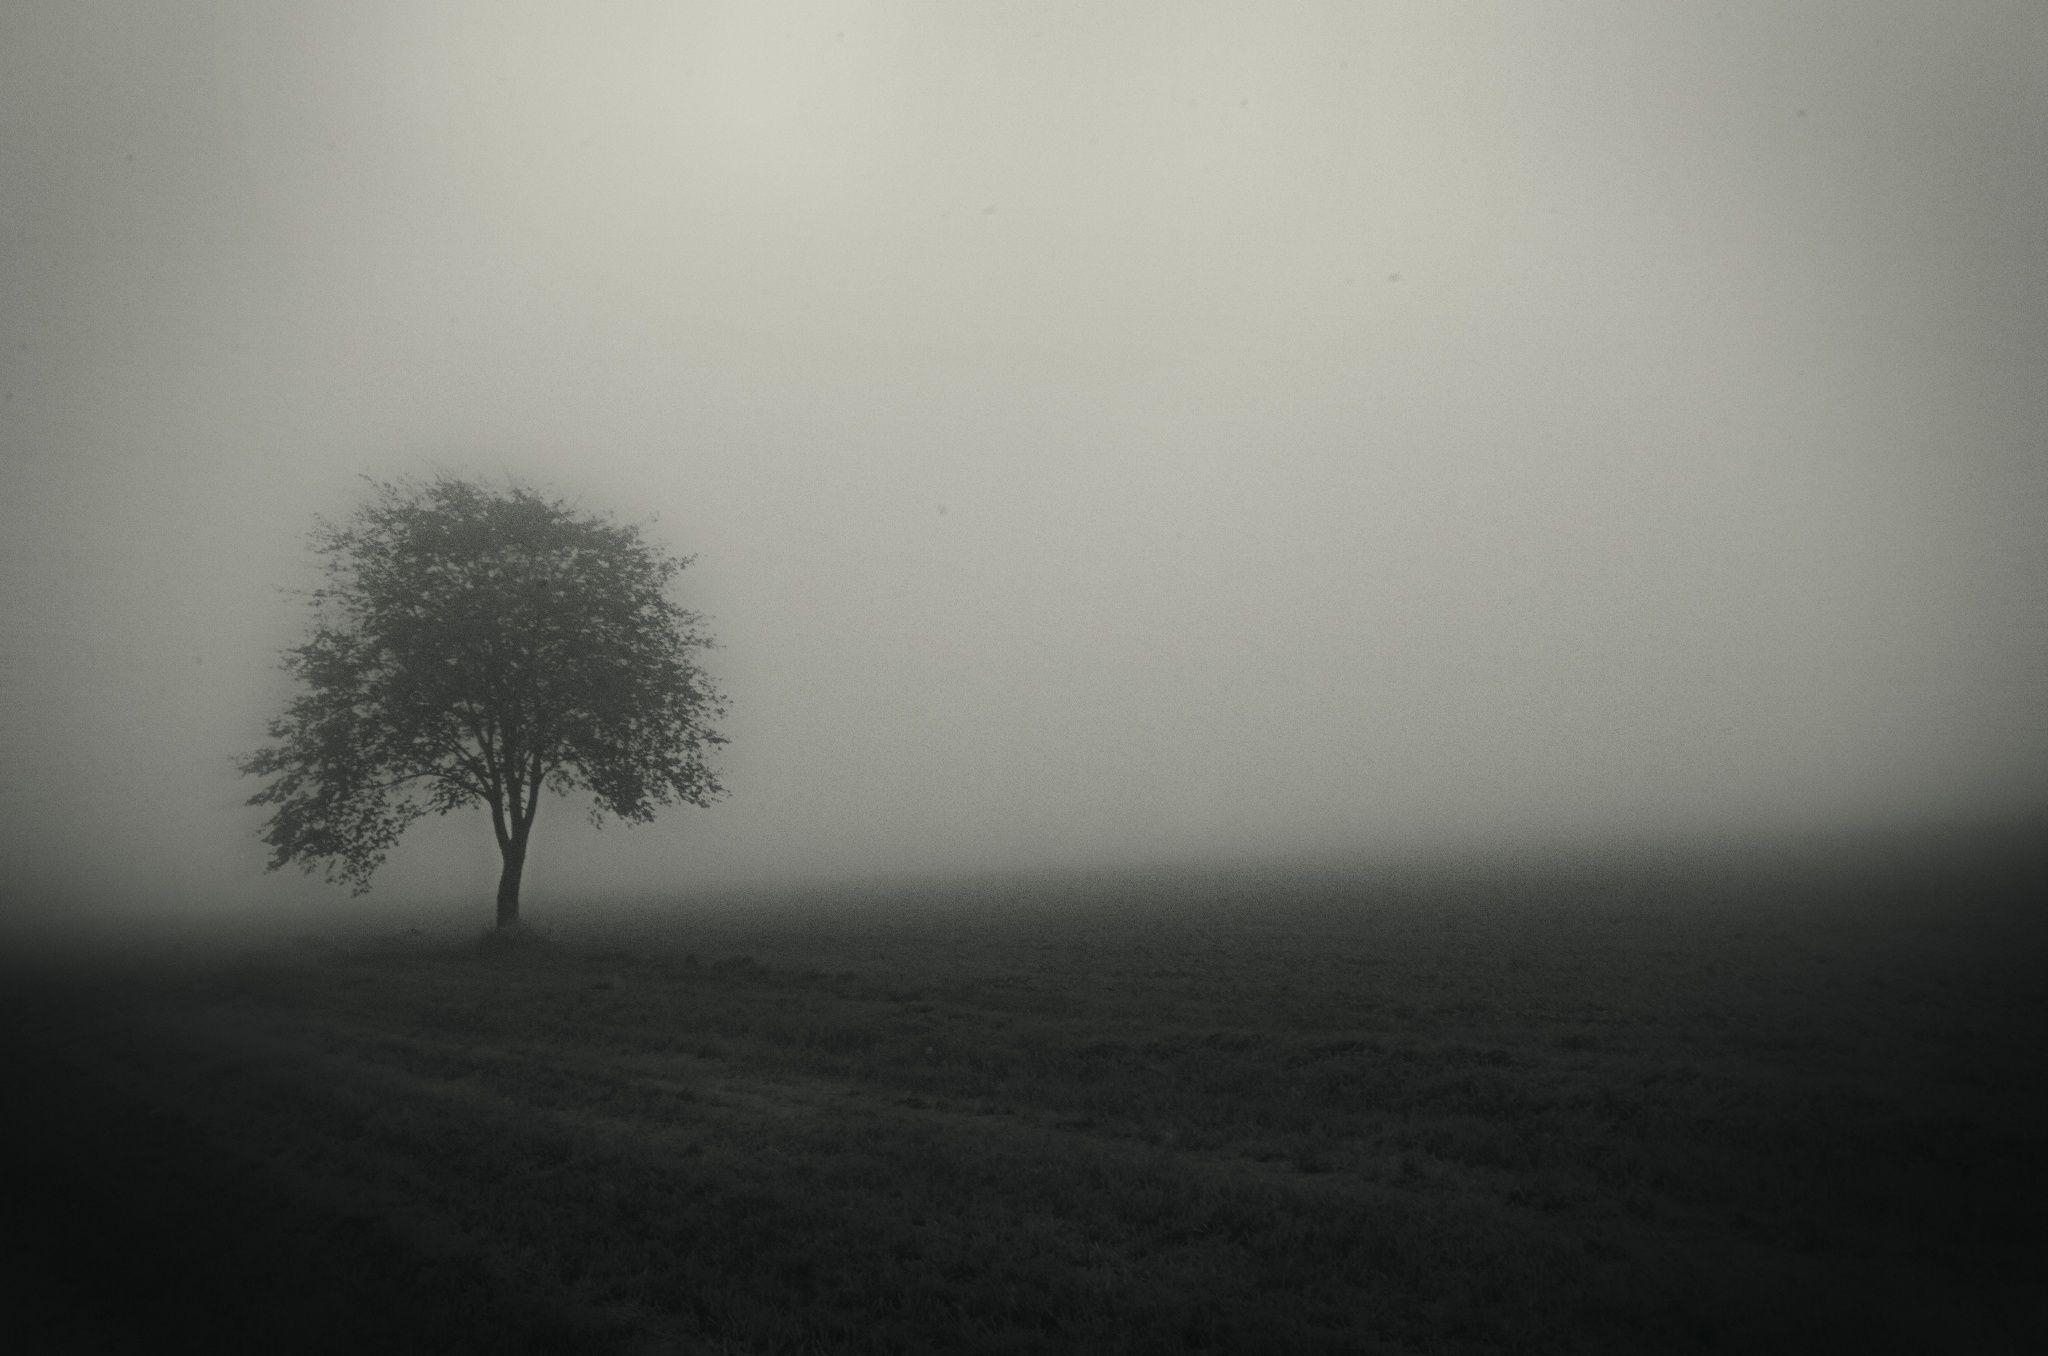 Quiet atmosphere by Kjeld Agerskov on 500px